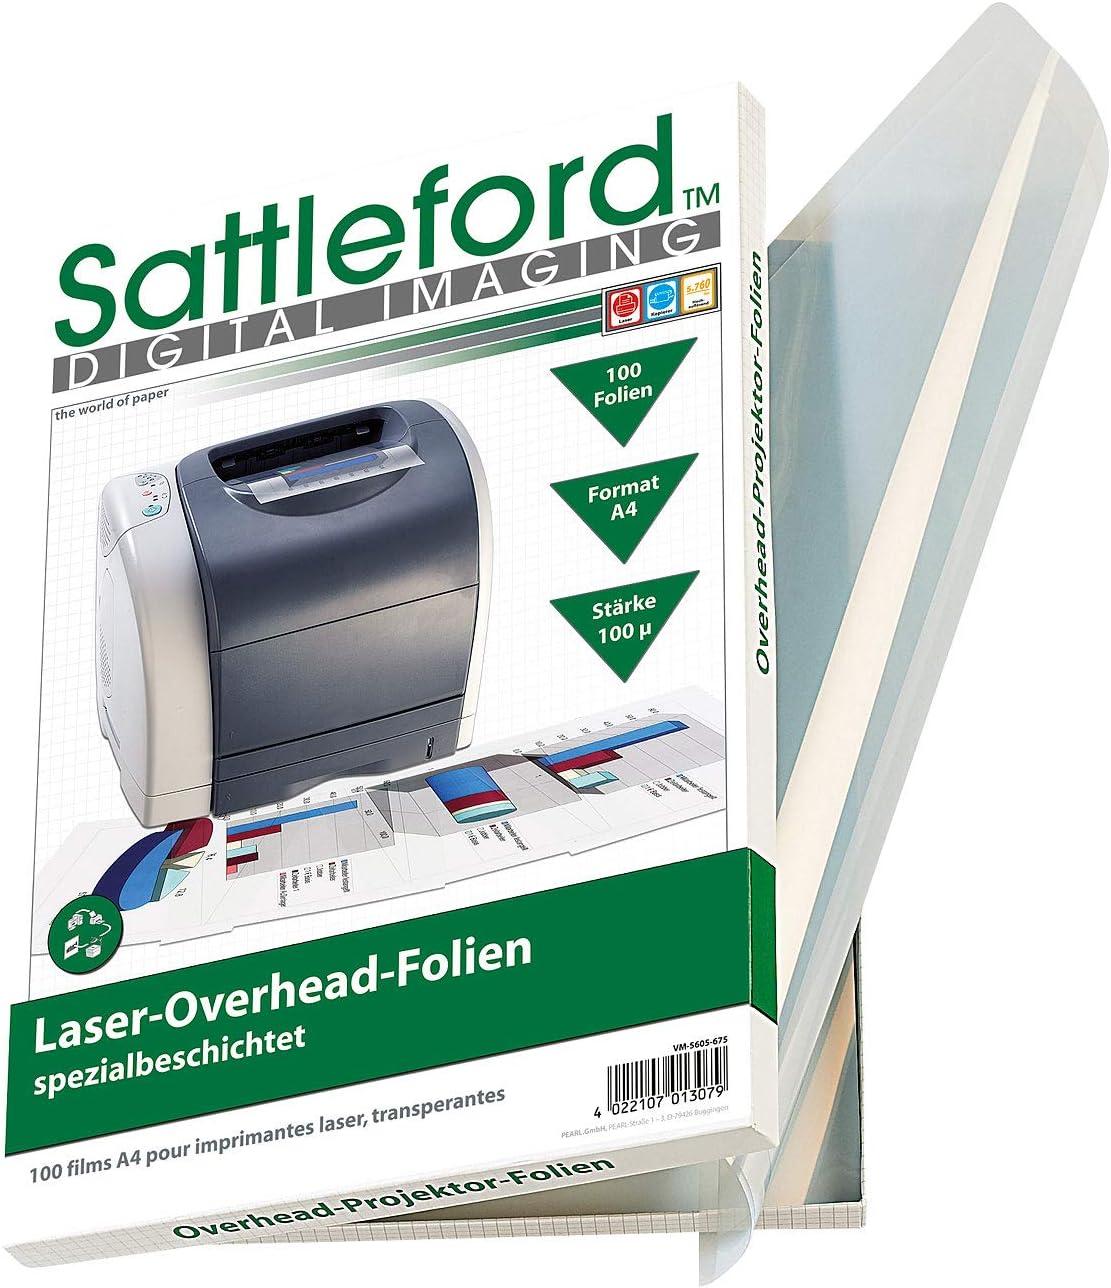 Papierstreife Overheadfolie DIN A3 100 Mic für Farb,-Kopierer und Laserdrucker